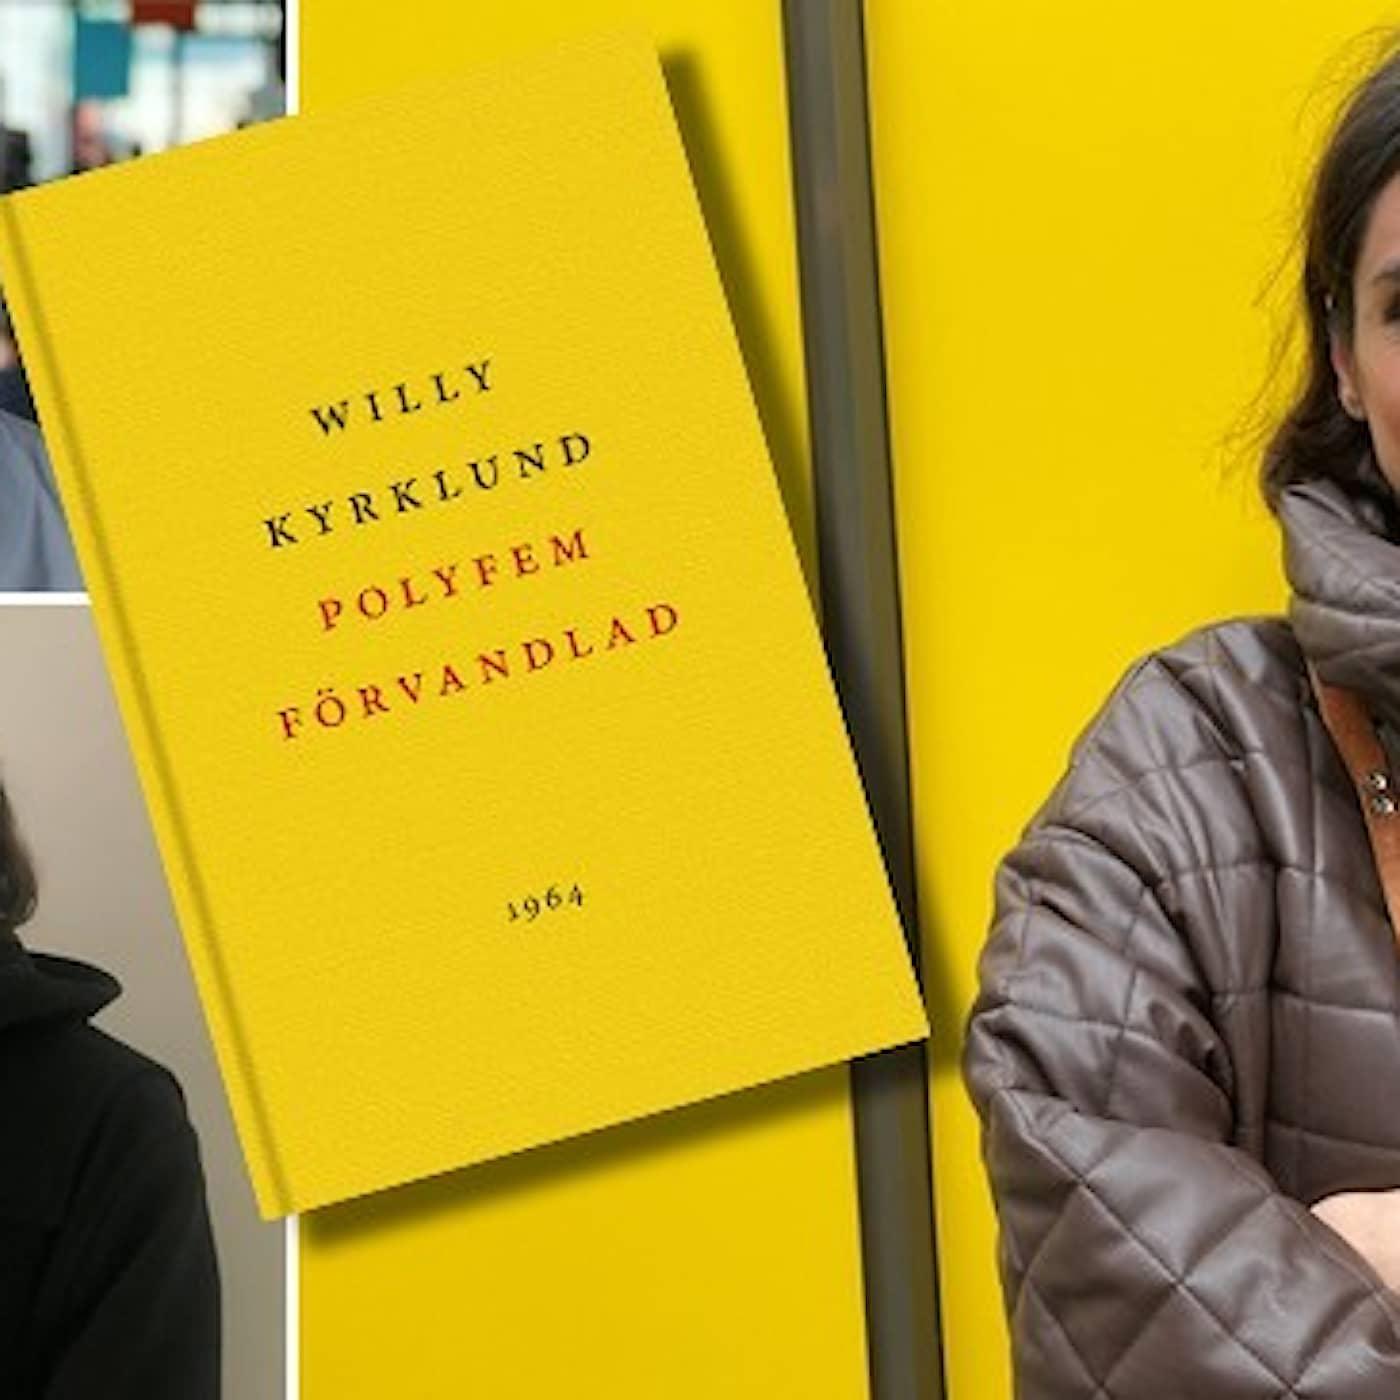 Så lever Willy Kyrklunds författarskap vidare i dag